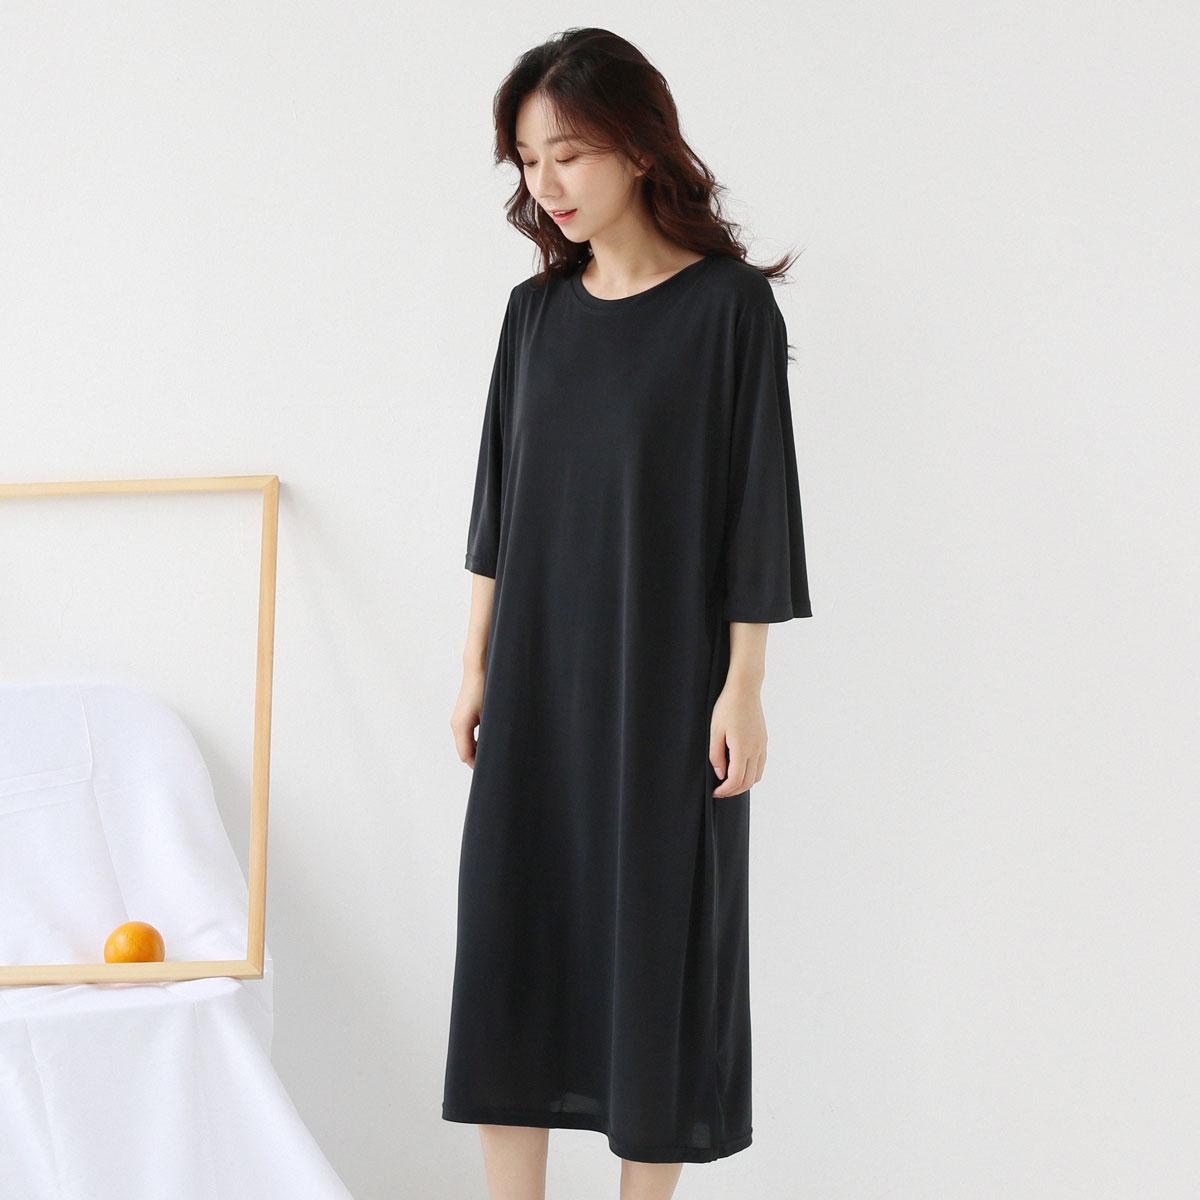 Miki xã hội Nhật Bản đơn giản gió lạnh vòng cổ lỏng màu rắn đồng ammonia nửa tay áo váy trên đầu gối váy váy